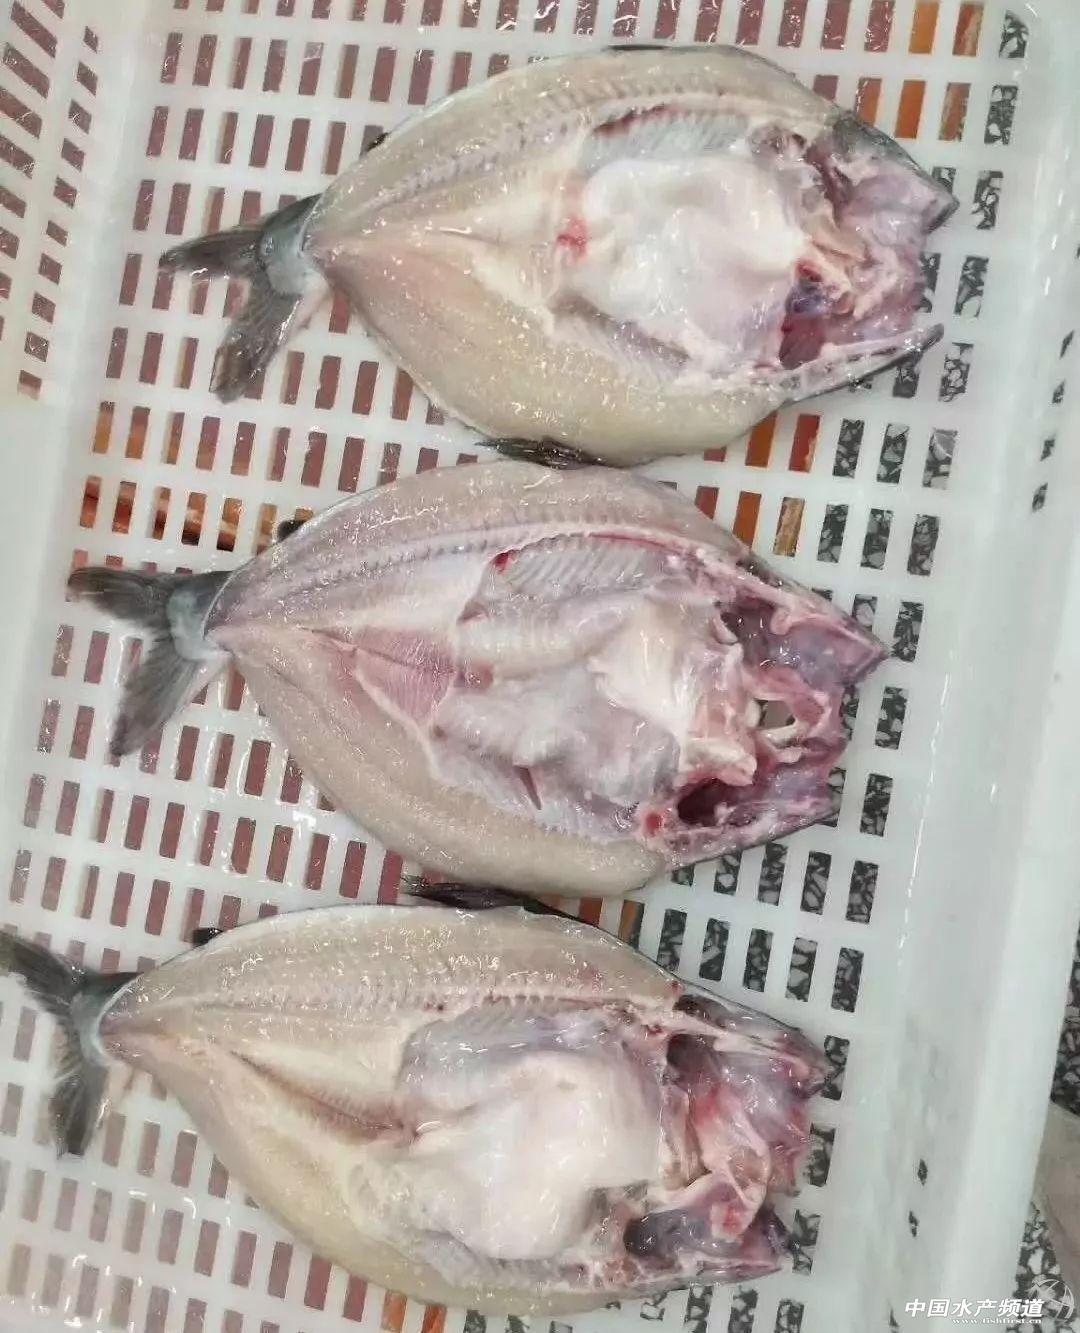 邊貿貨或被替代!國產巴沙魚新機遇,借中美貿易戰殺入開背魚市場